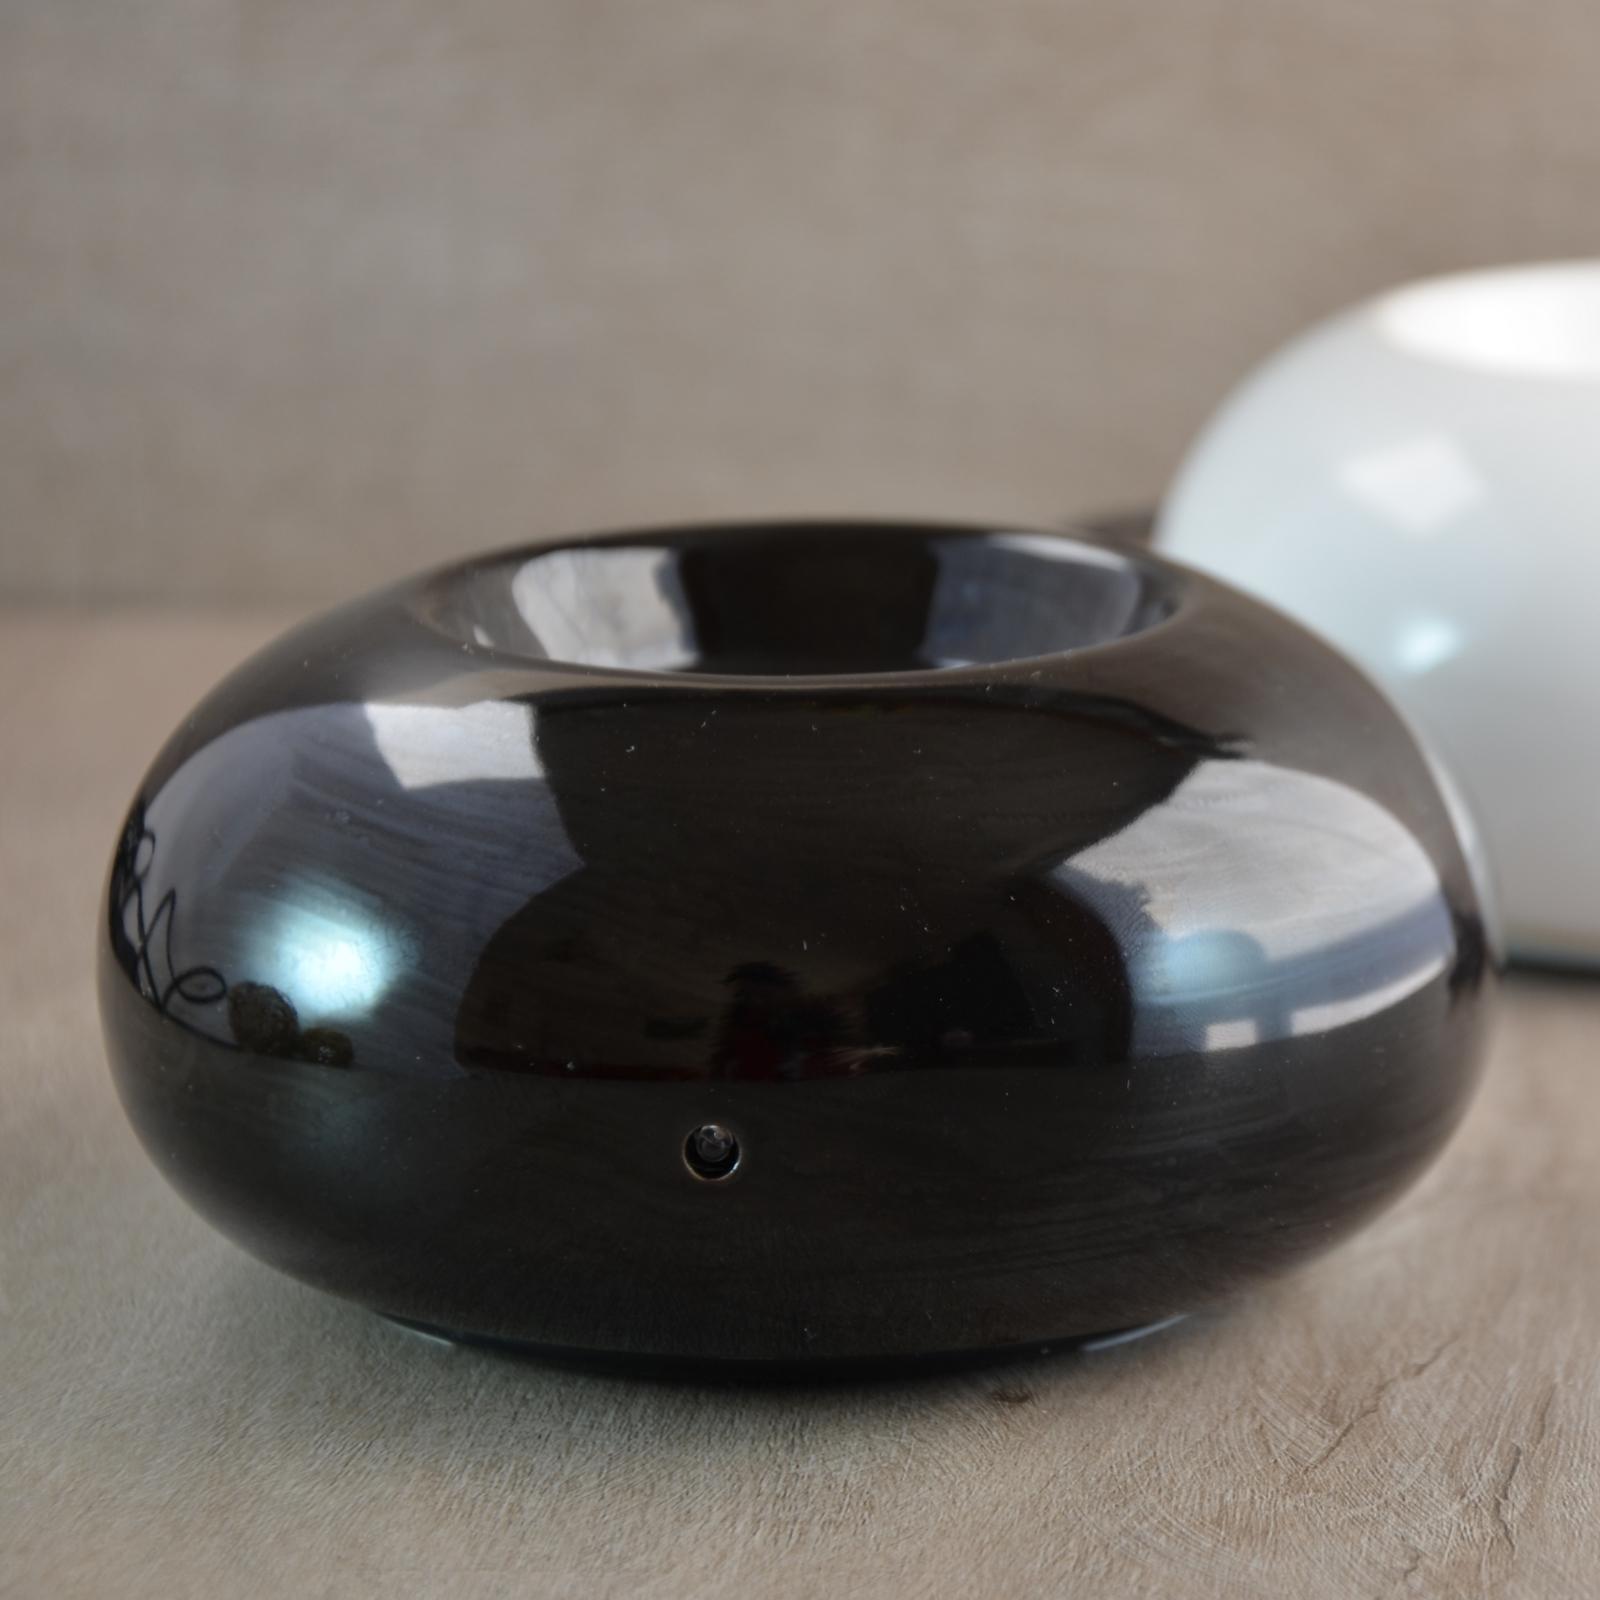 Diffuseur d'huiles essentielles par chaleur douce Cosy noir